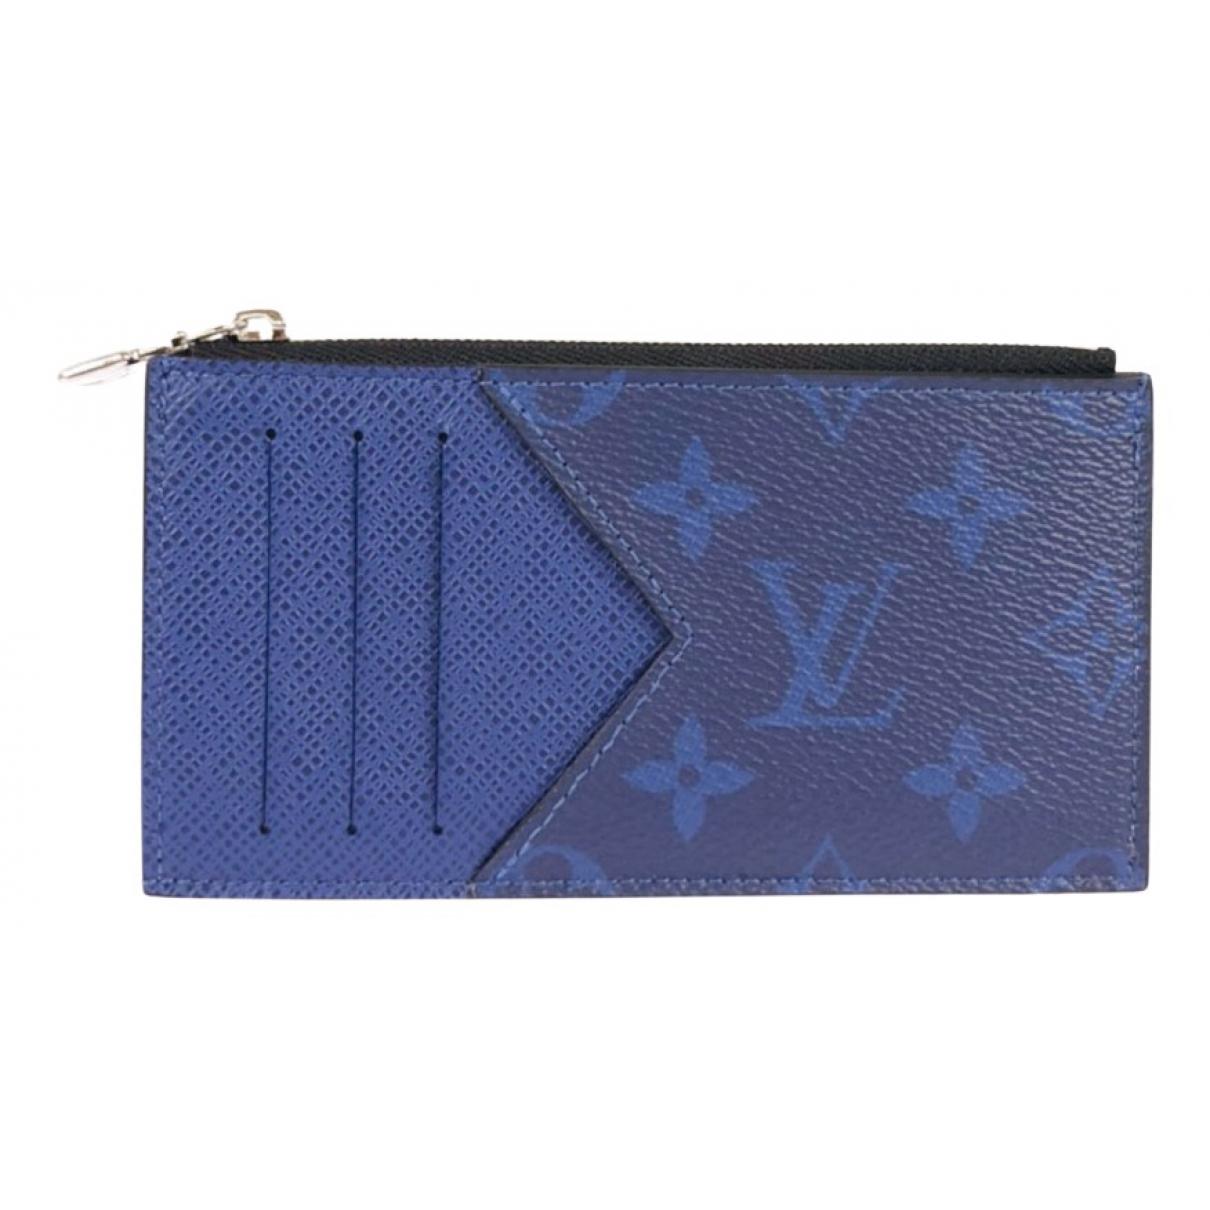 Marroquineria  Coin Card Holder de Lona Louis Vuitton